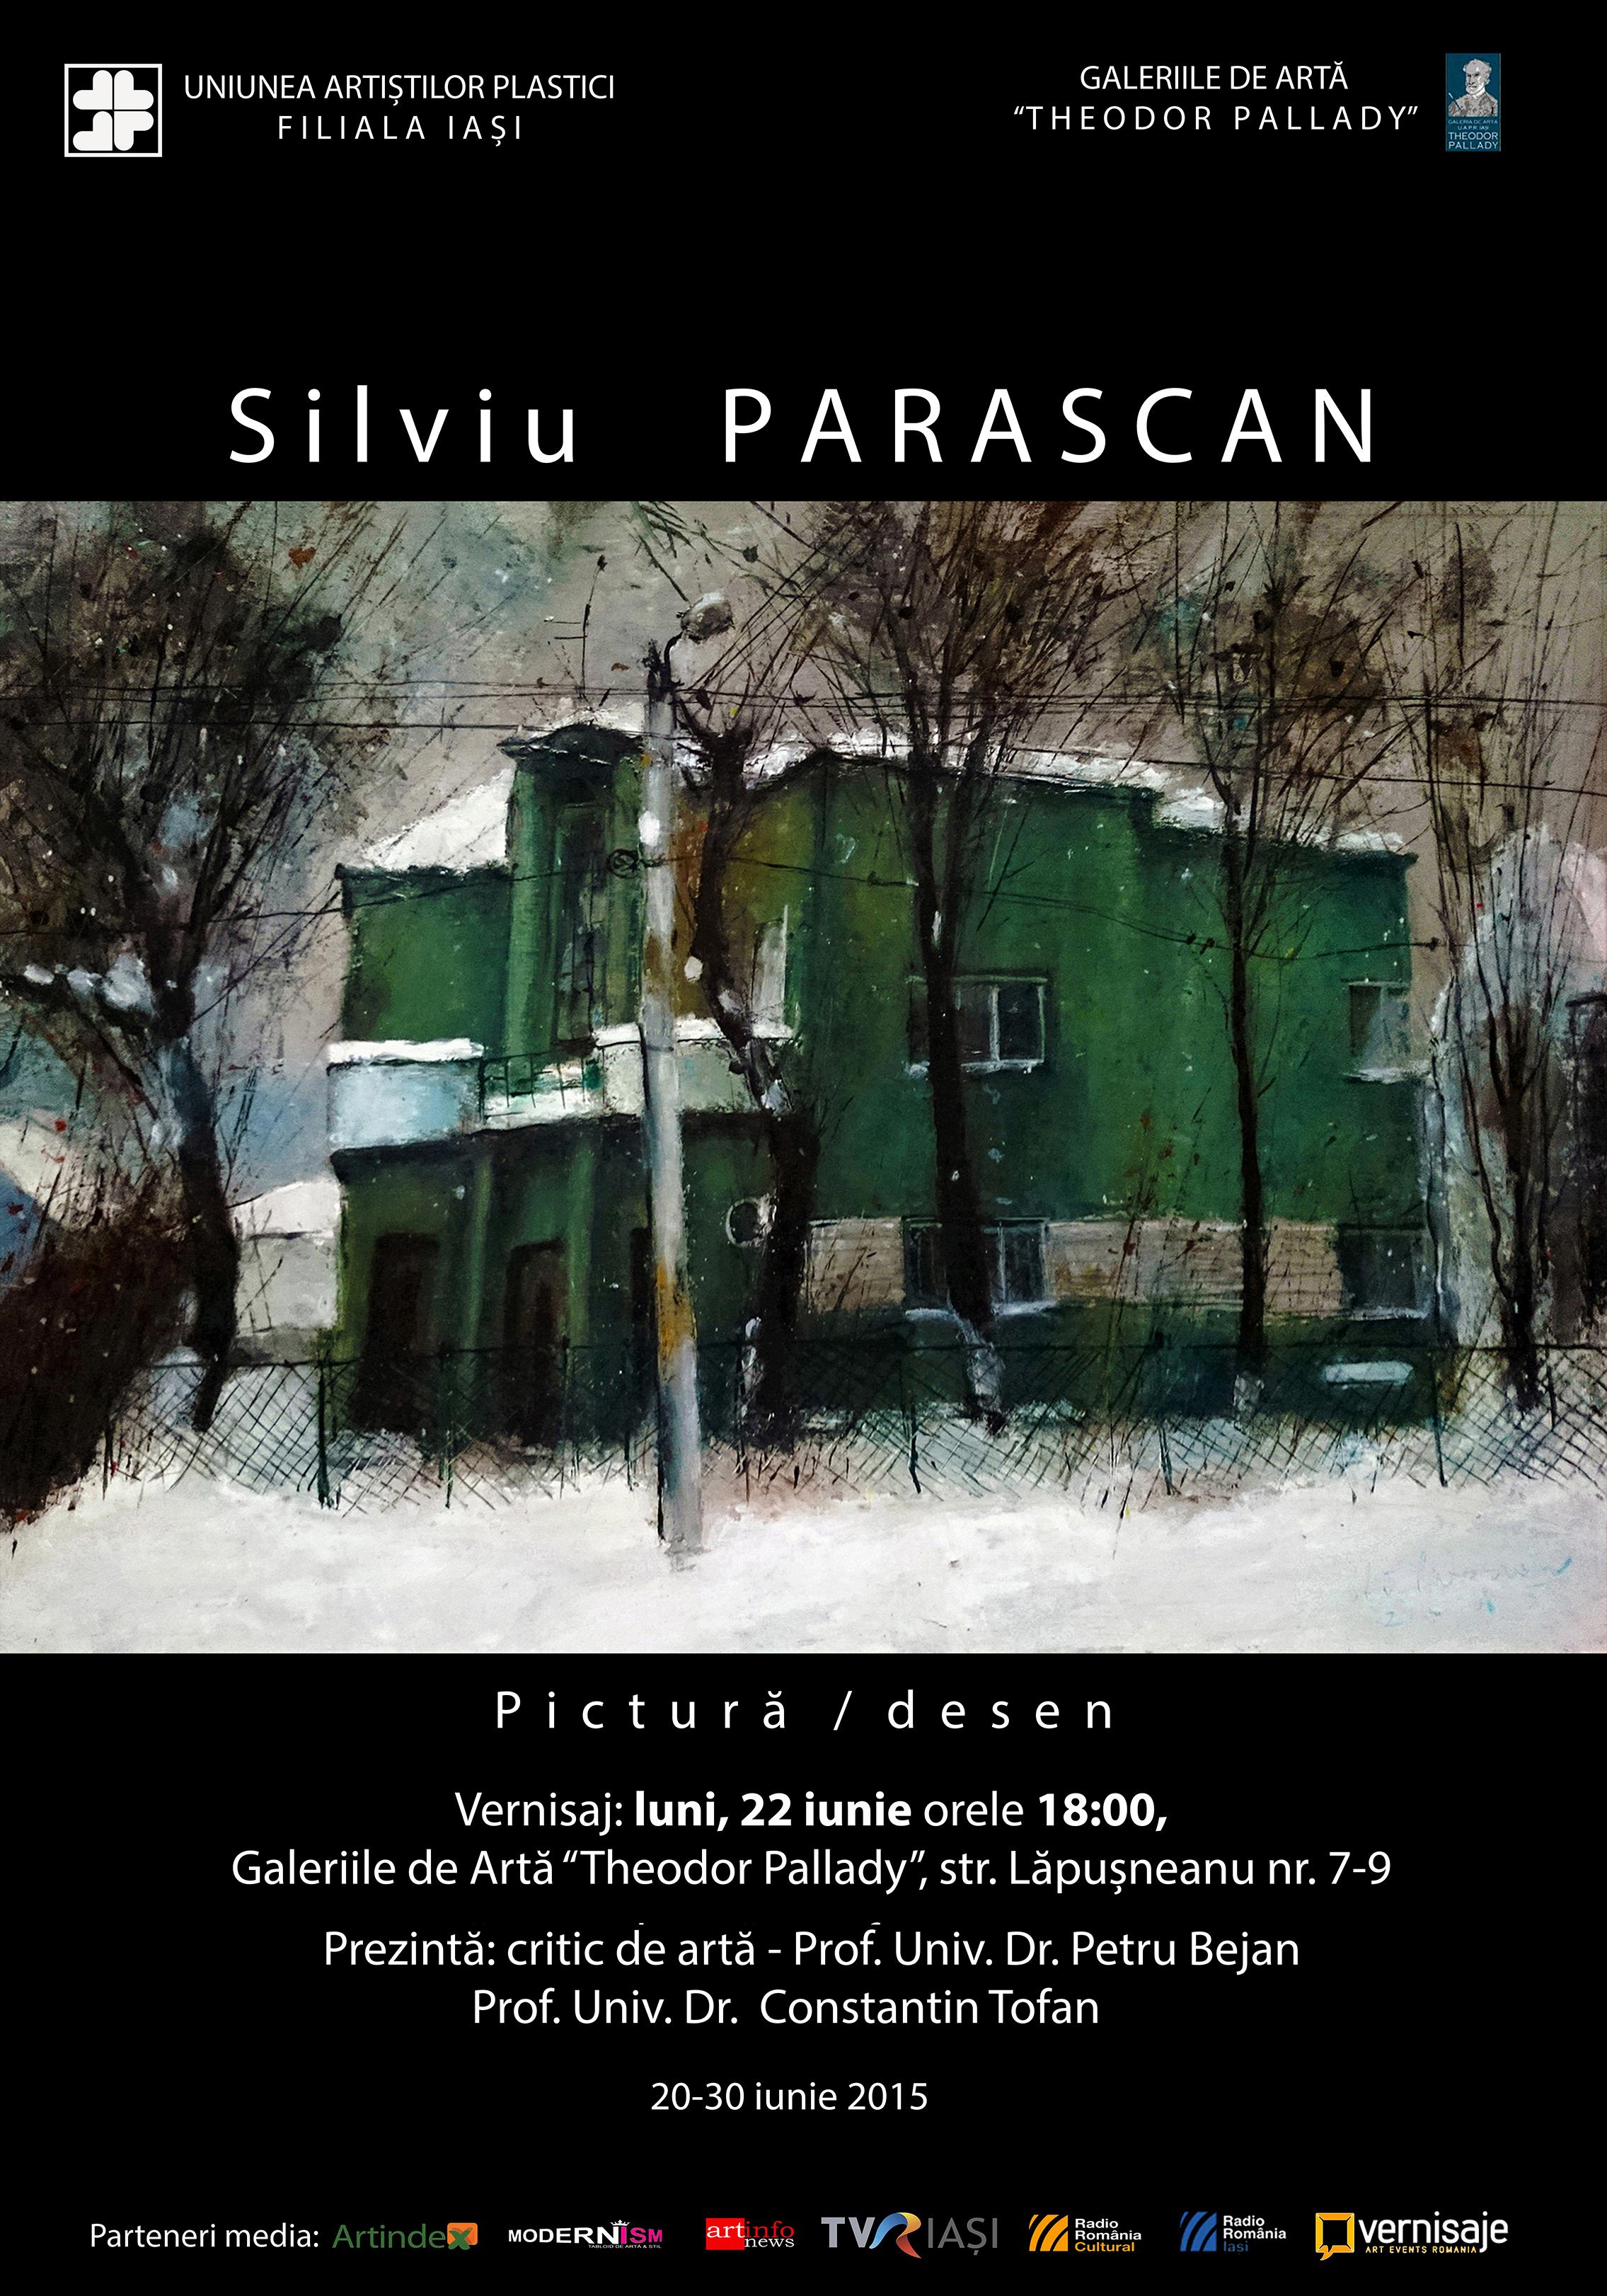 Vernisajul expoziţiei de pictură şi desen a artistului ieşean Silviu Parascan